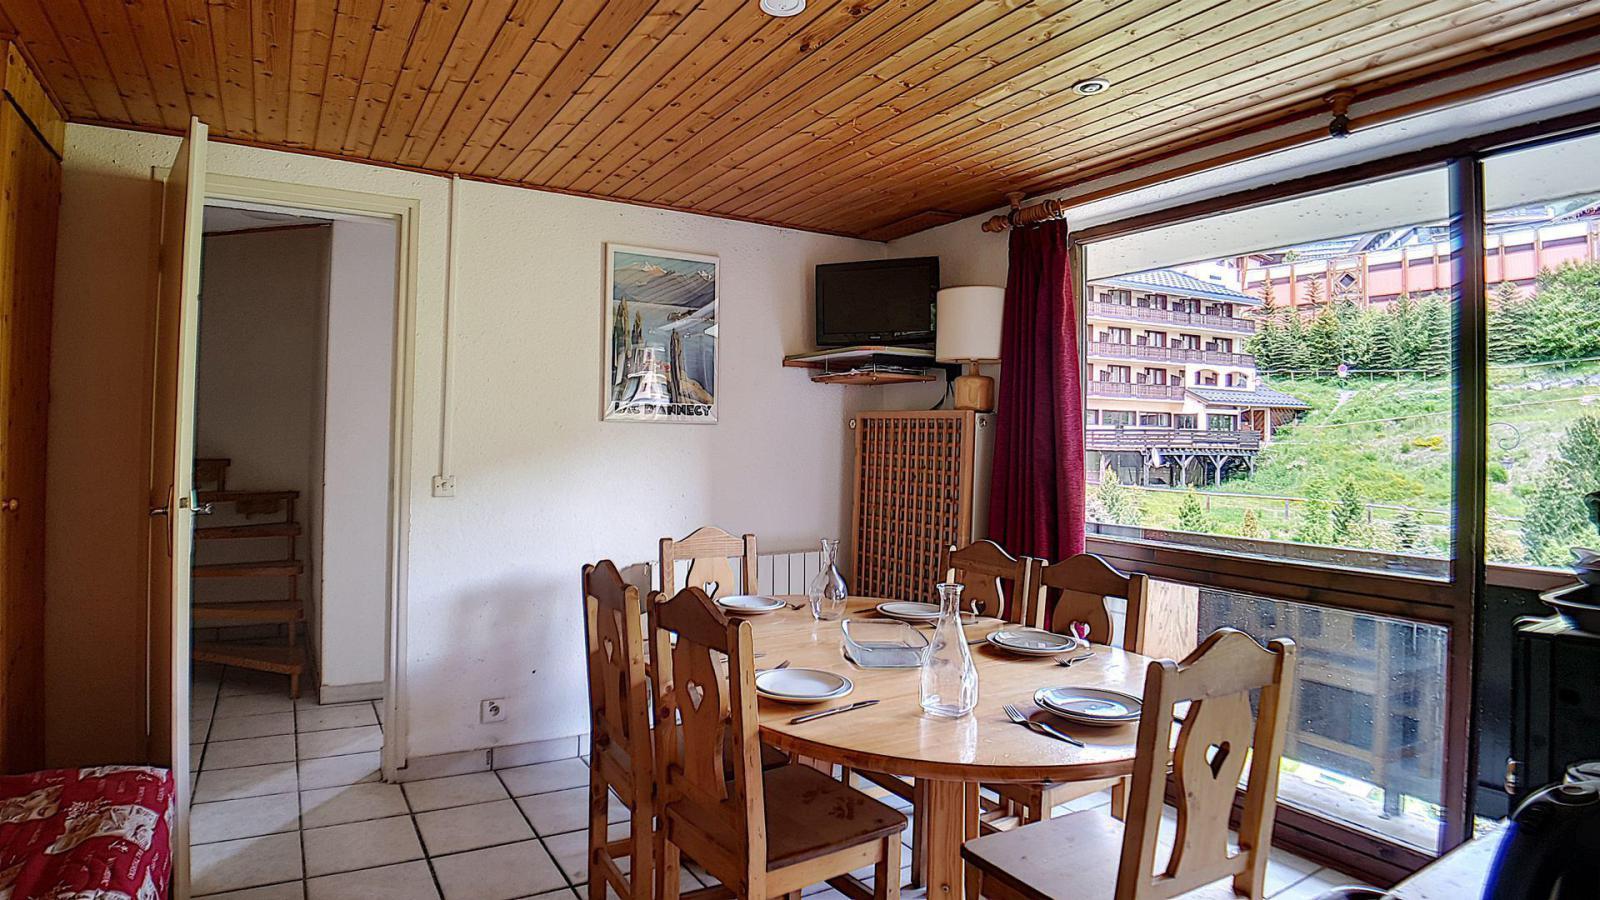 Location au ski Appartement duplex 4 pièces 8 personnes (93) - Residence Jettay - Les Menuires - Table